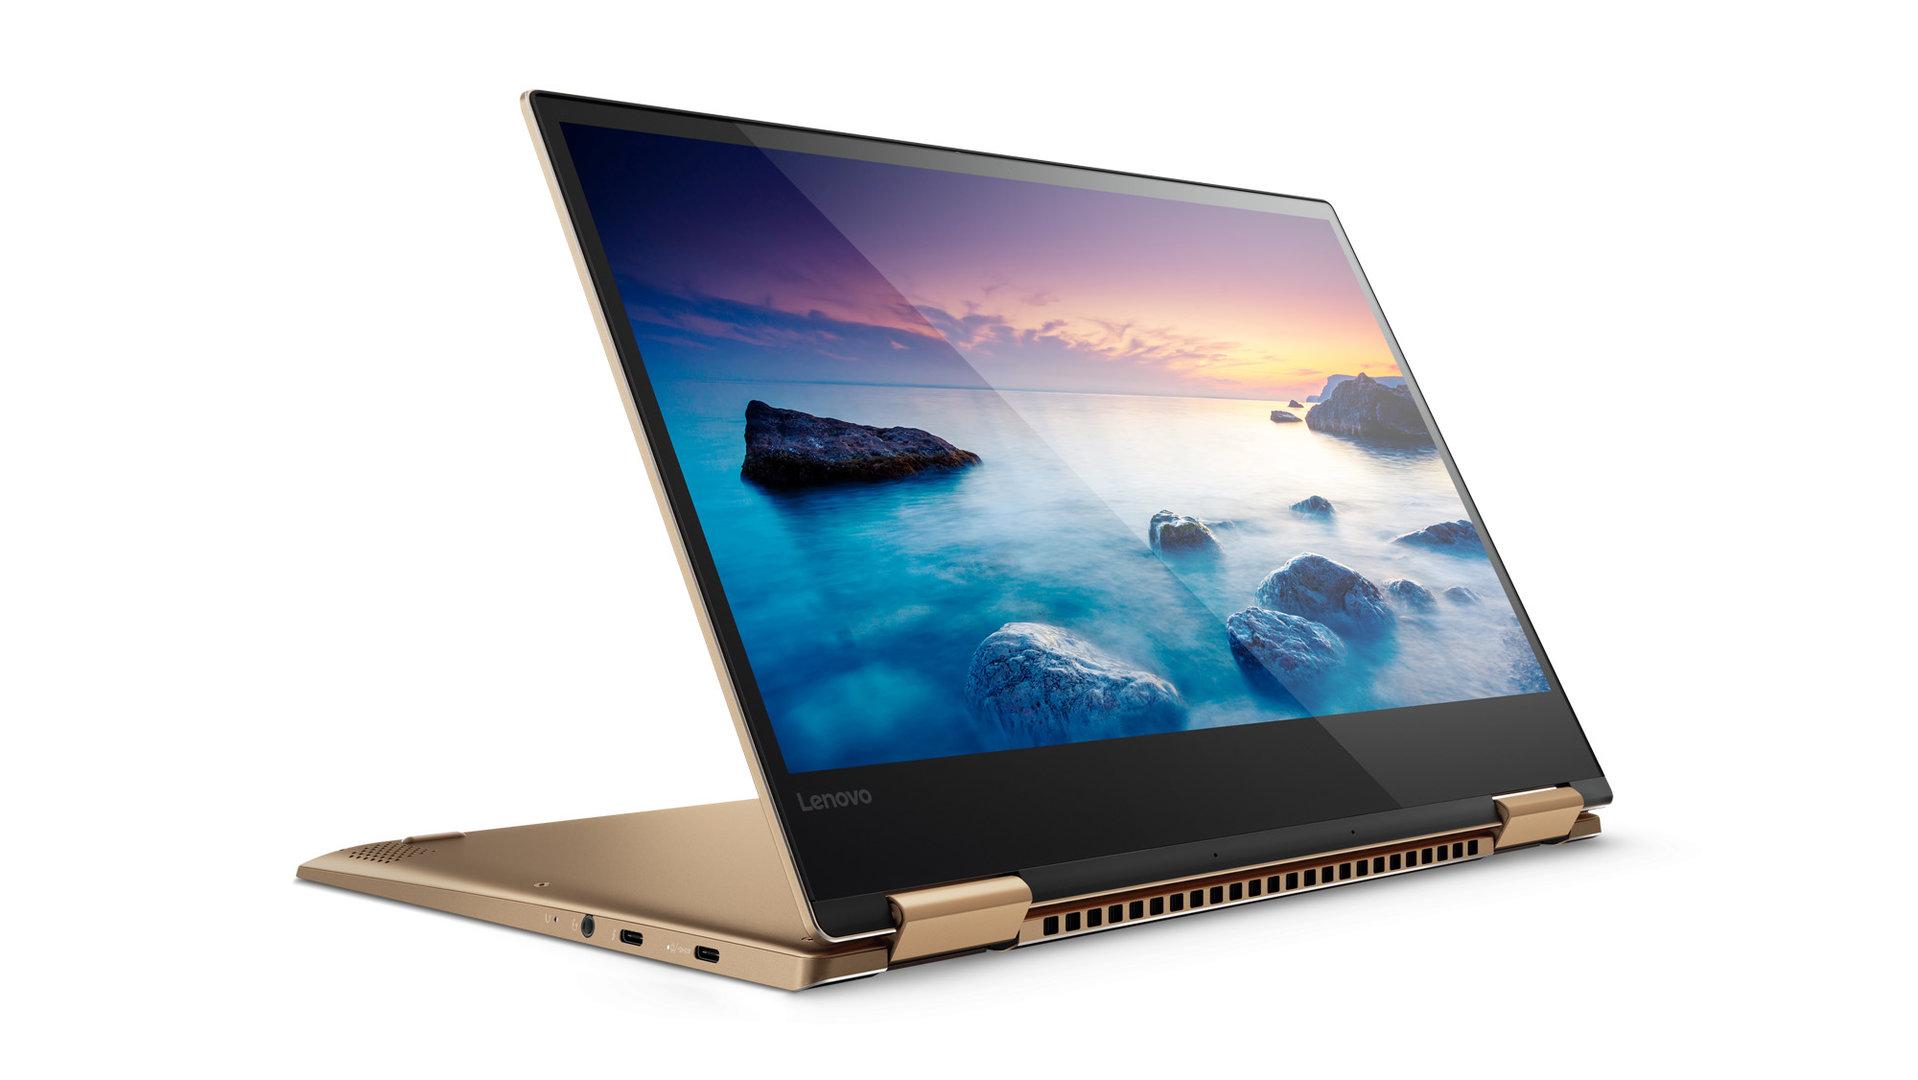 Lenovo Yoga 720 (13 Zoll) in Kupfer